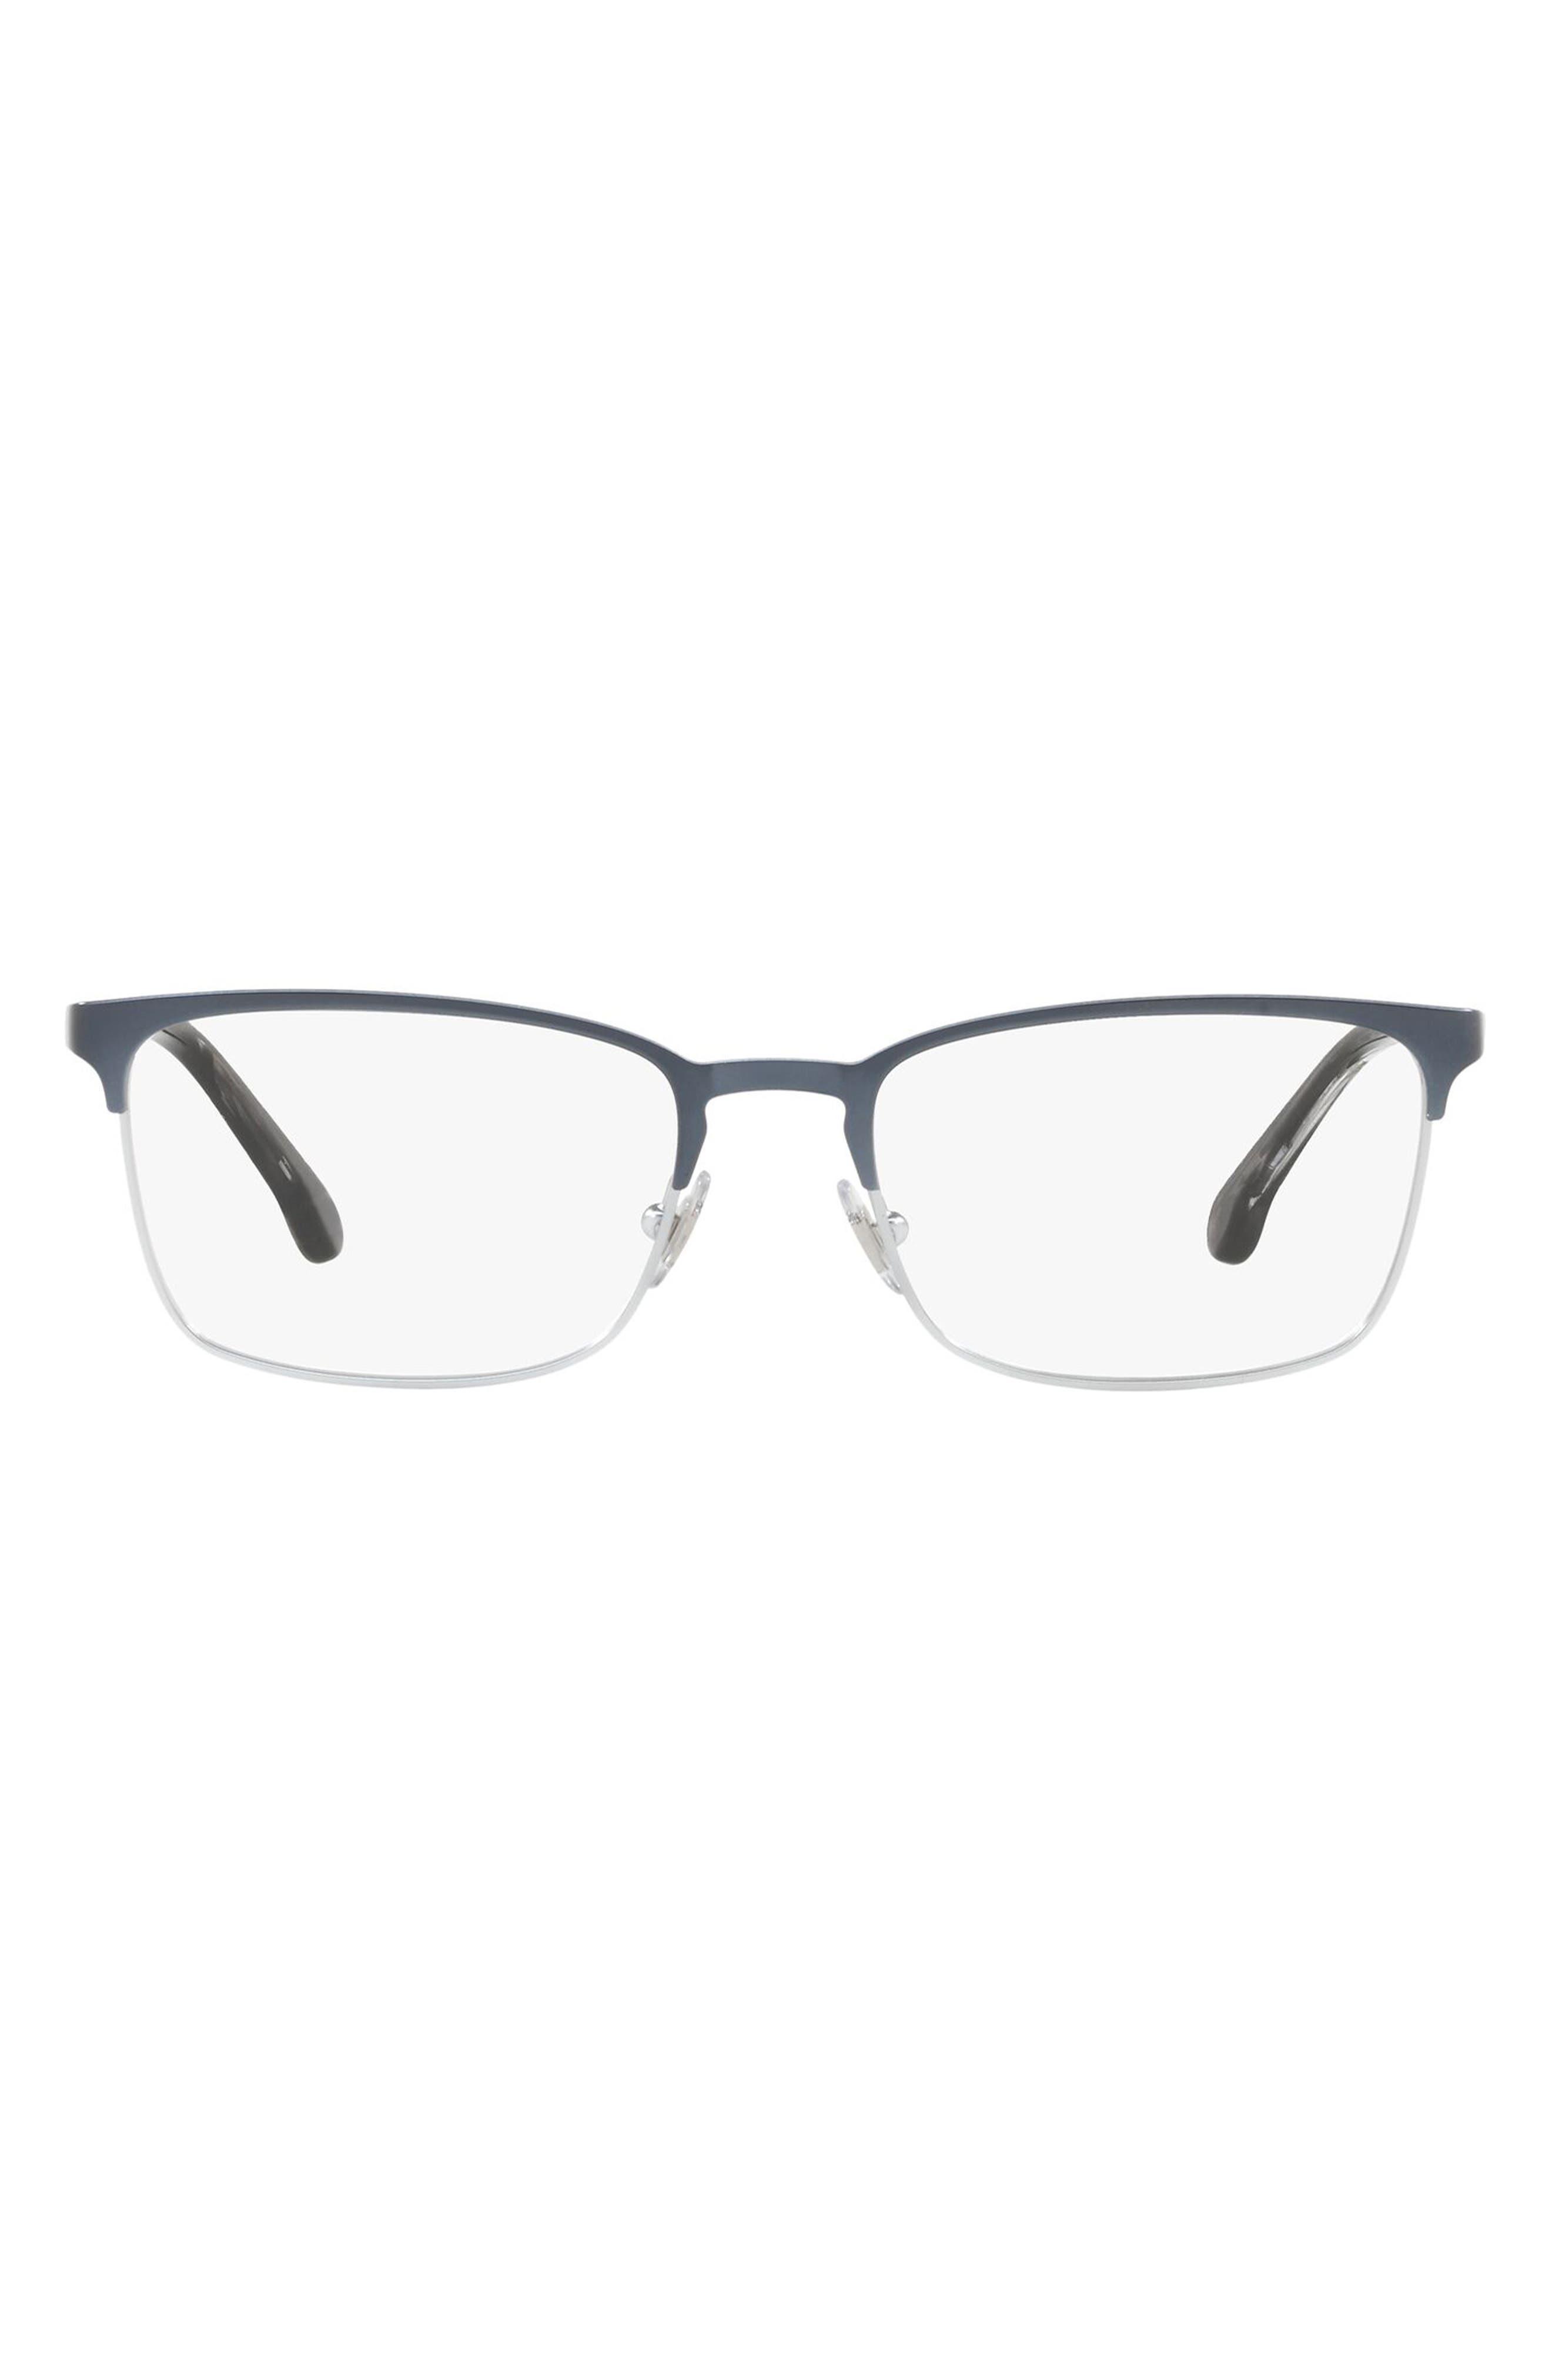 54mm Optical Glasses